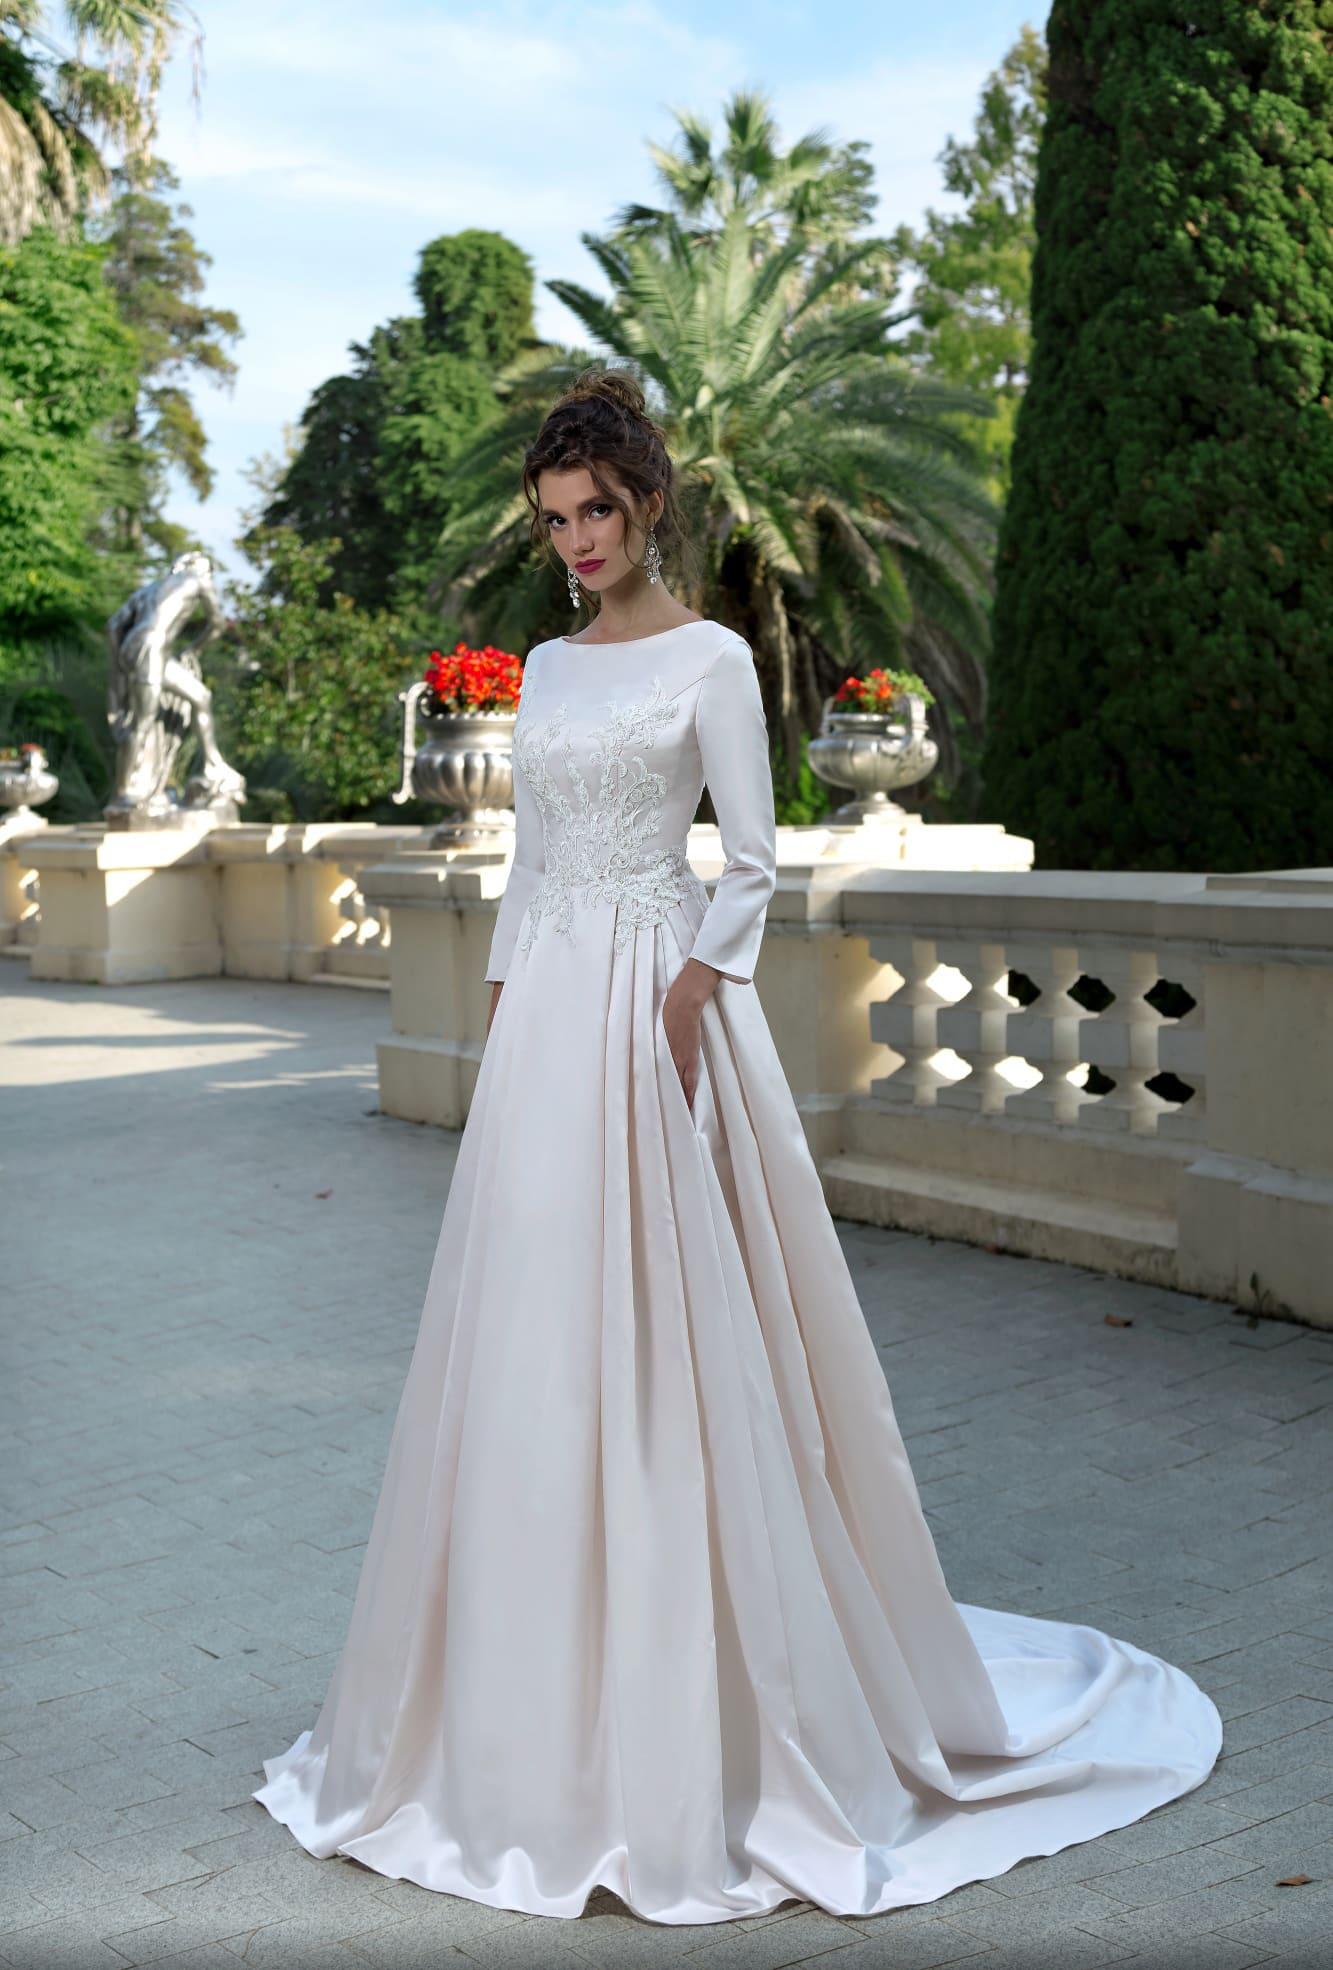 d0f68ddf8f2 Элегантное свадебное платье из атласа с вырезом «бато» и длинным рукавом.